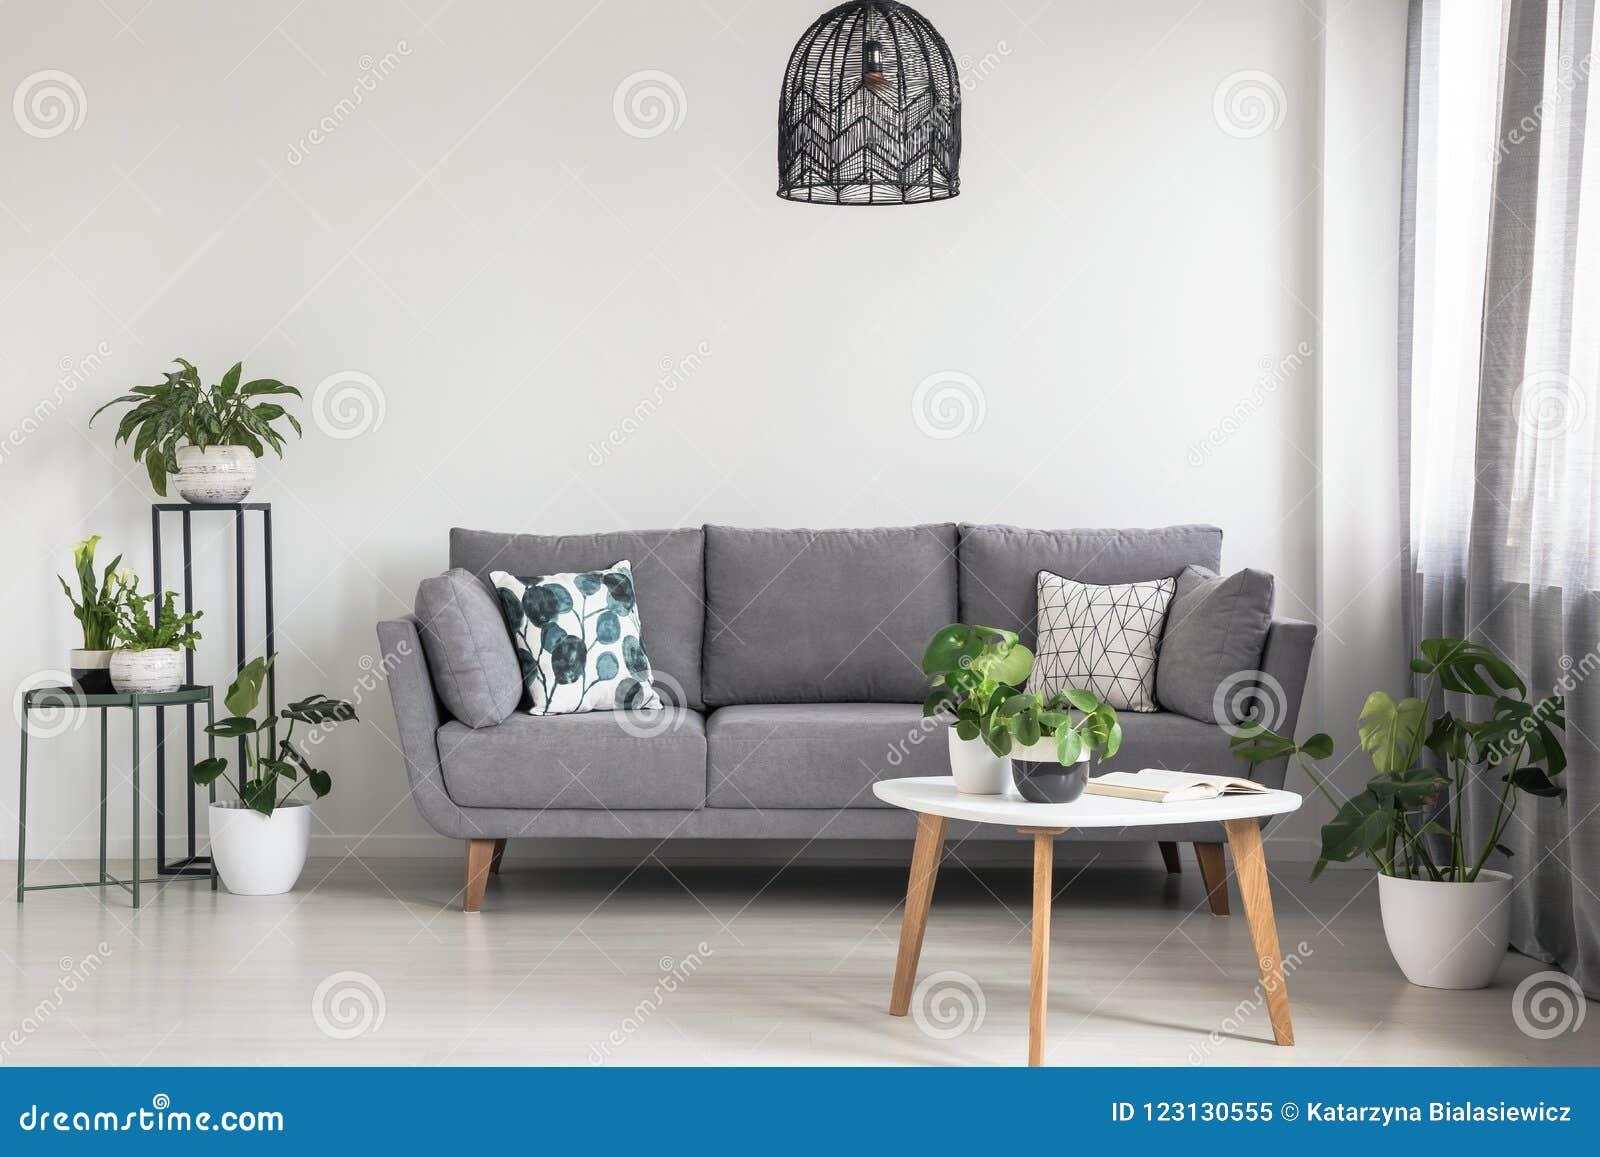 Wirkliches Foto eines einfachen Wohnzimmerinnenraums mit einem grauen Sofa, Anlagen und Couchtisch